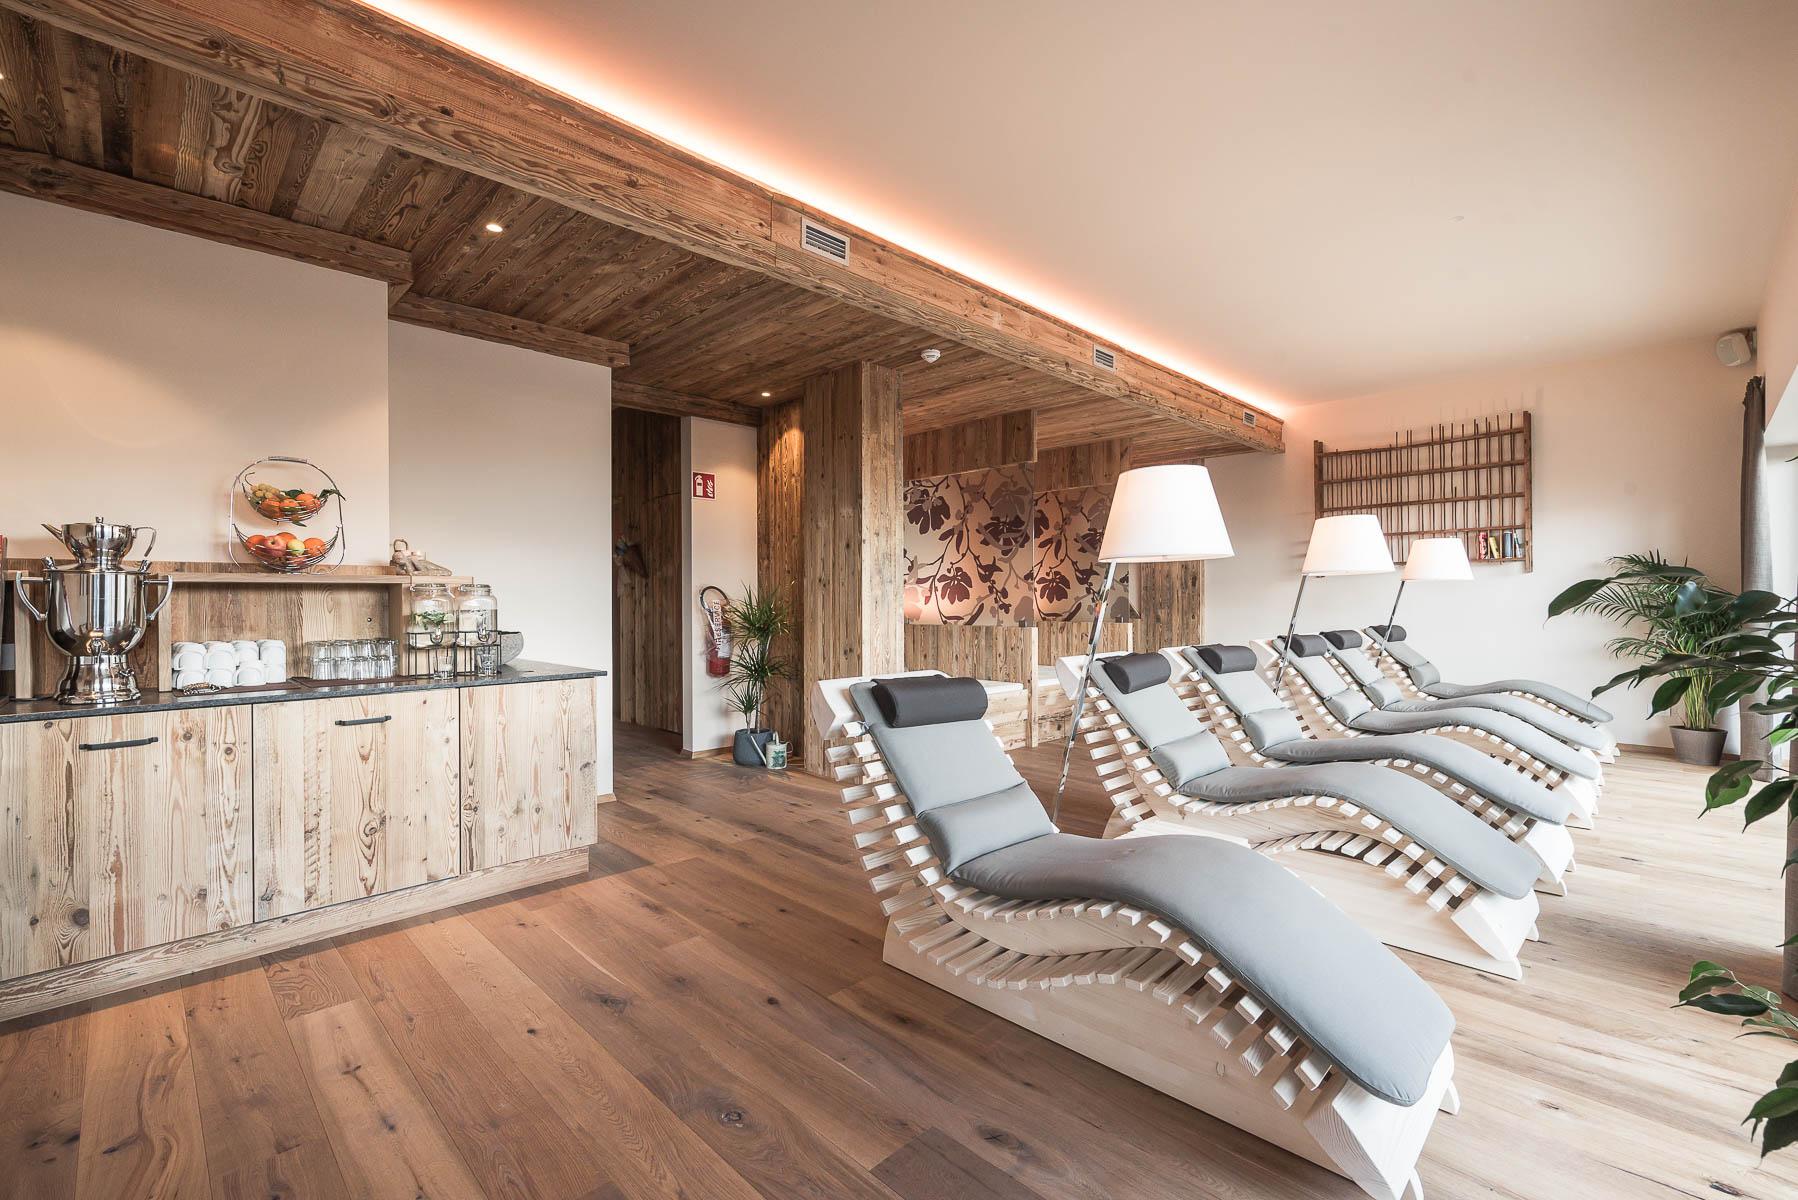 Palestre In Legno Prezzi hotel con sauna al plan de corones e palestra - hotel b&b